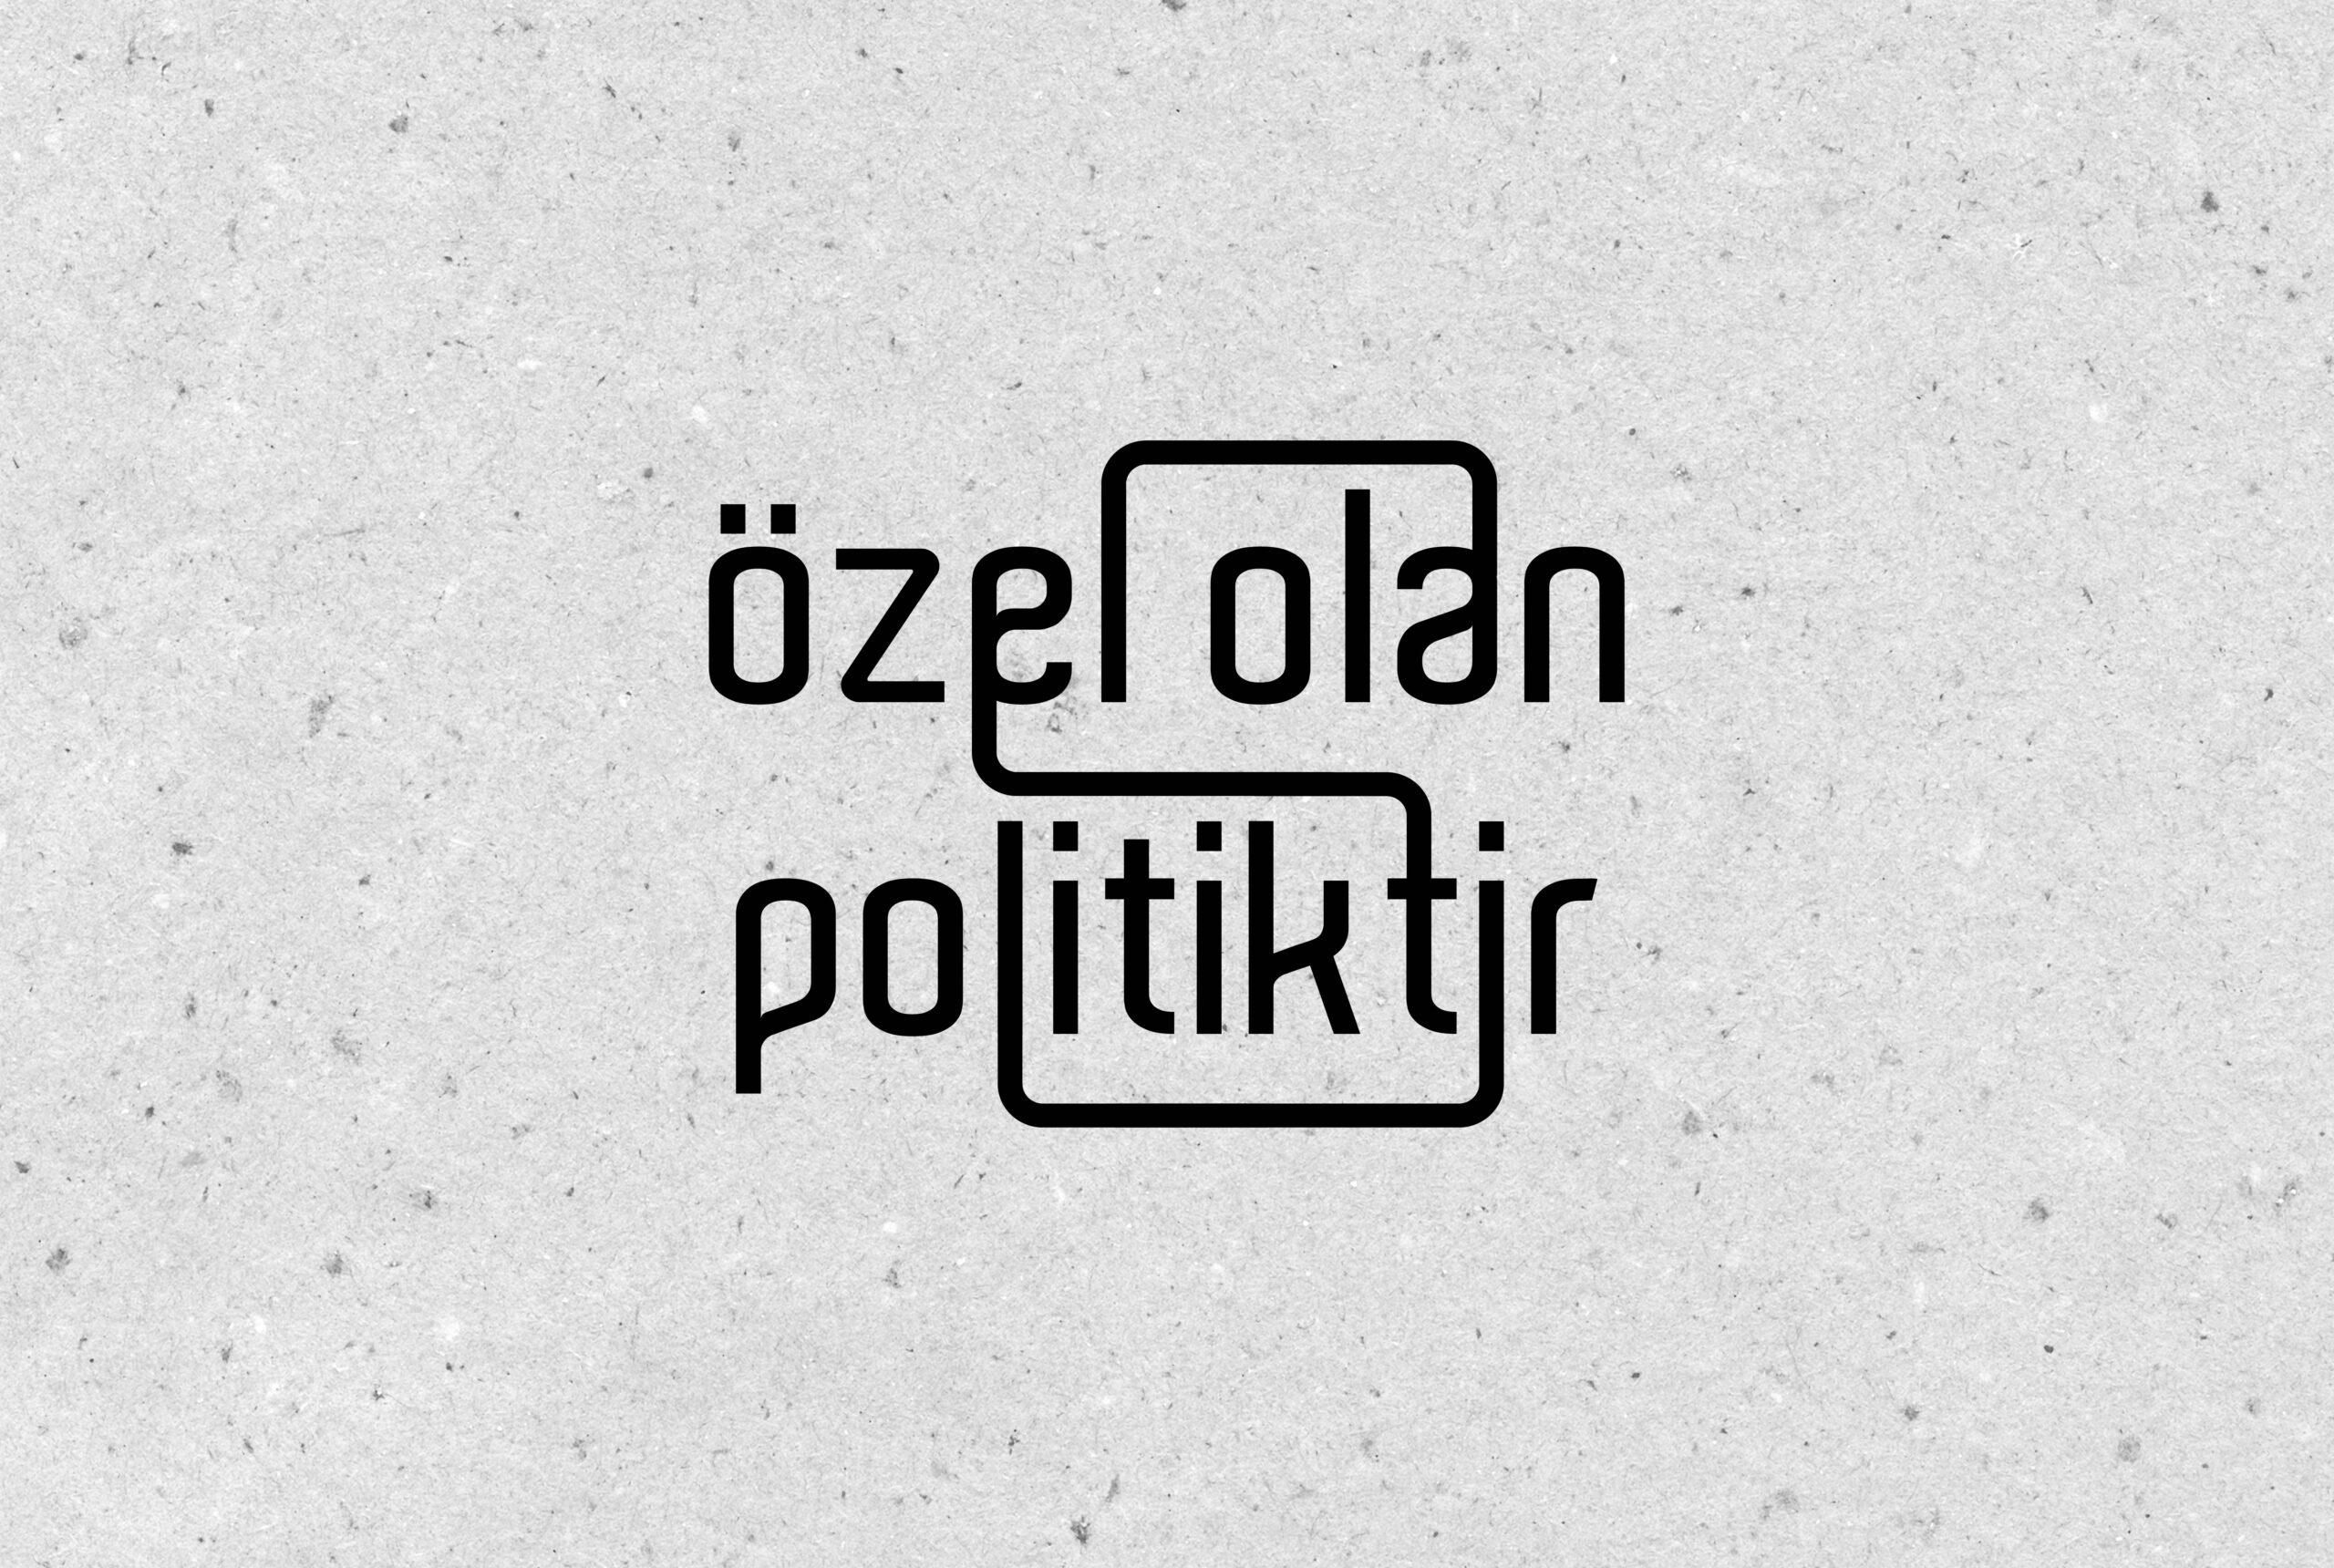 Özel Olan Politiktir